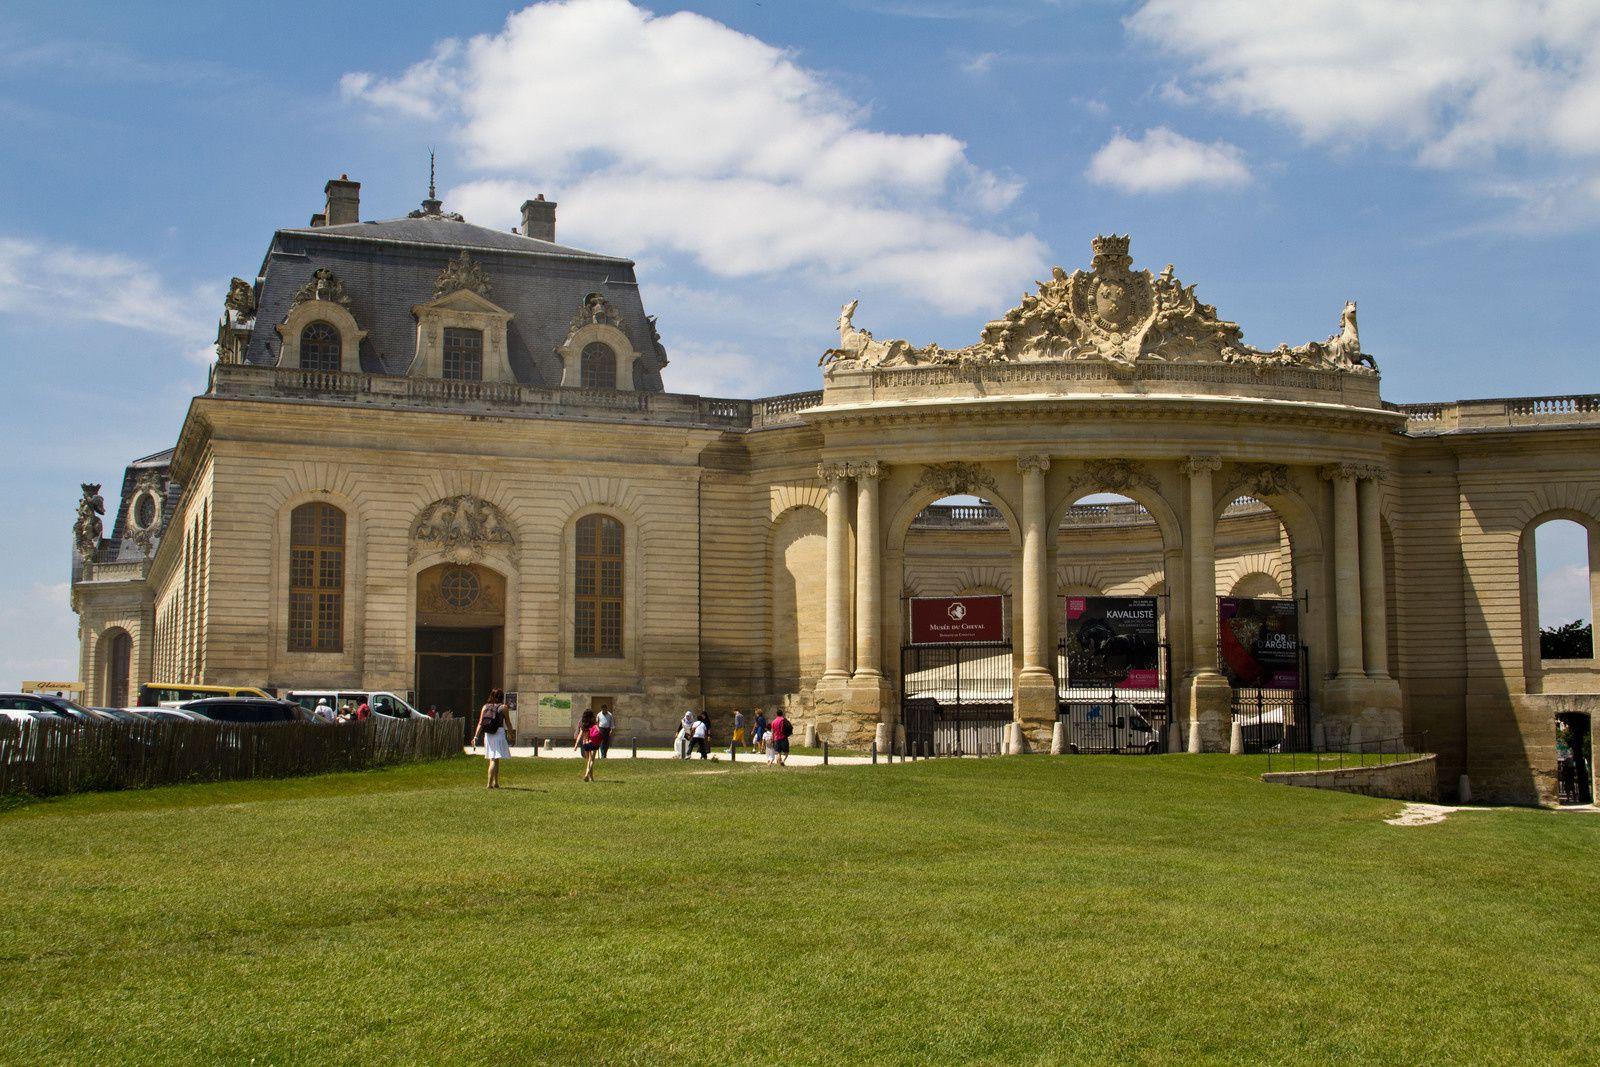 Le musée du cheval, les écuries, l'hippodrome